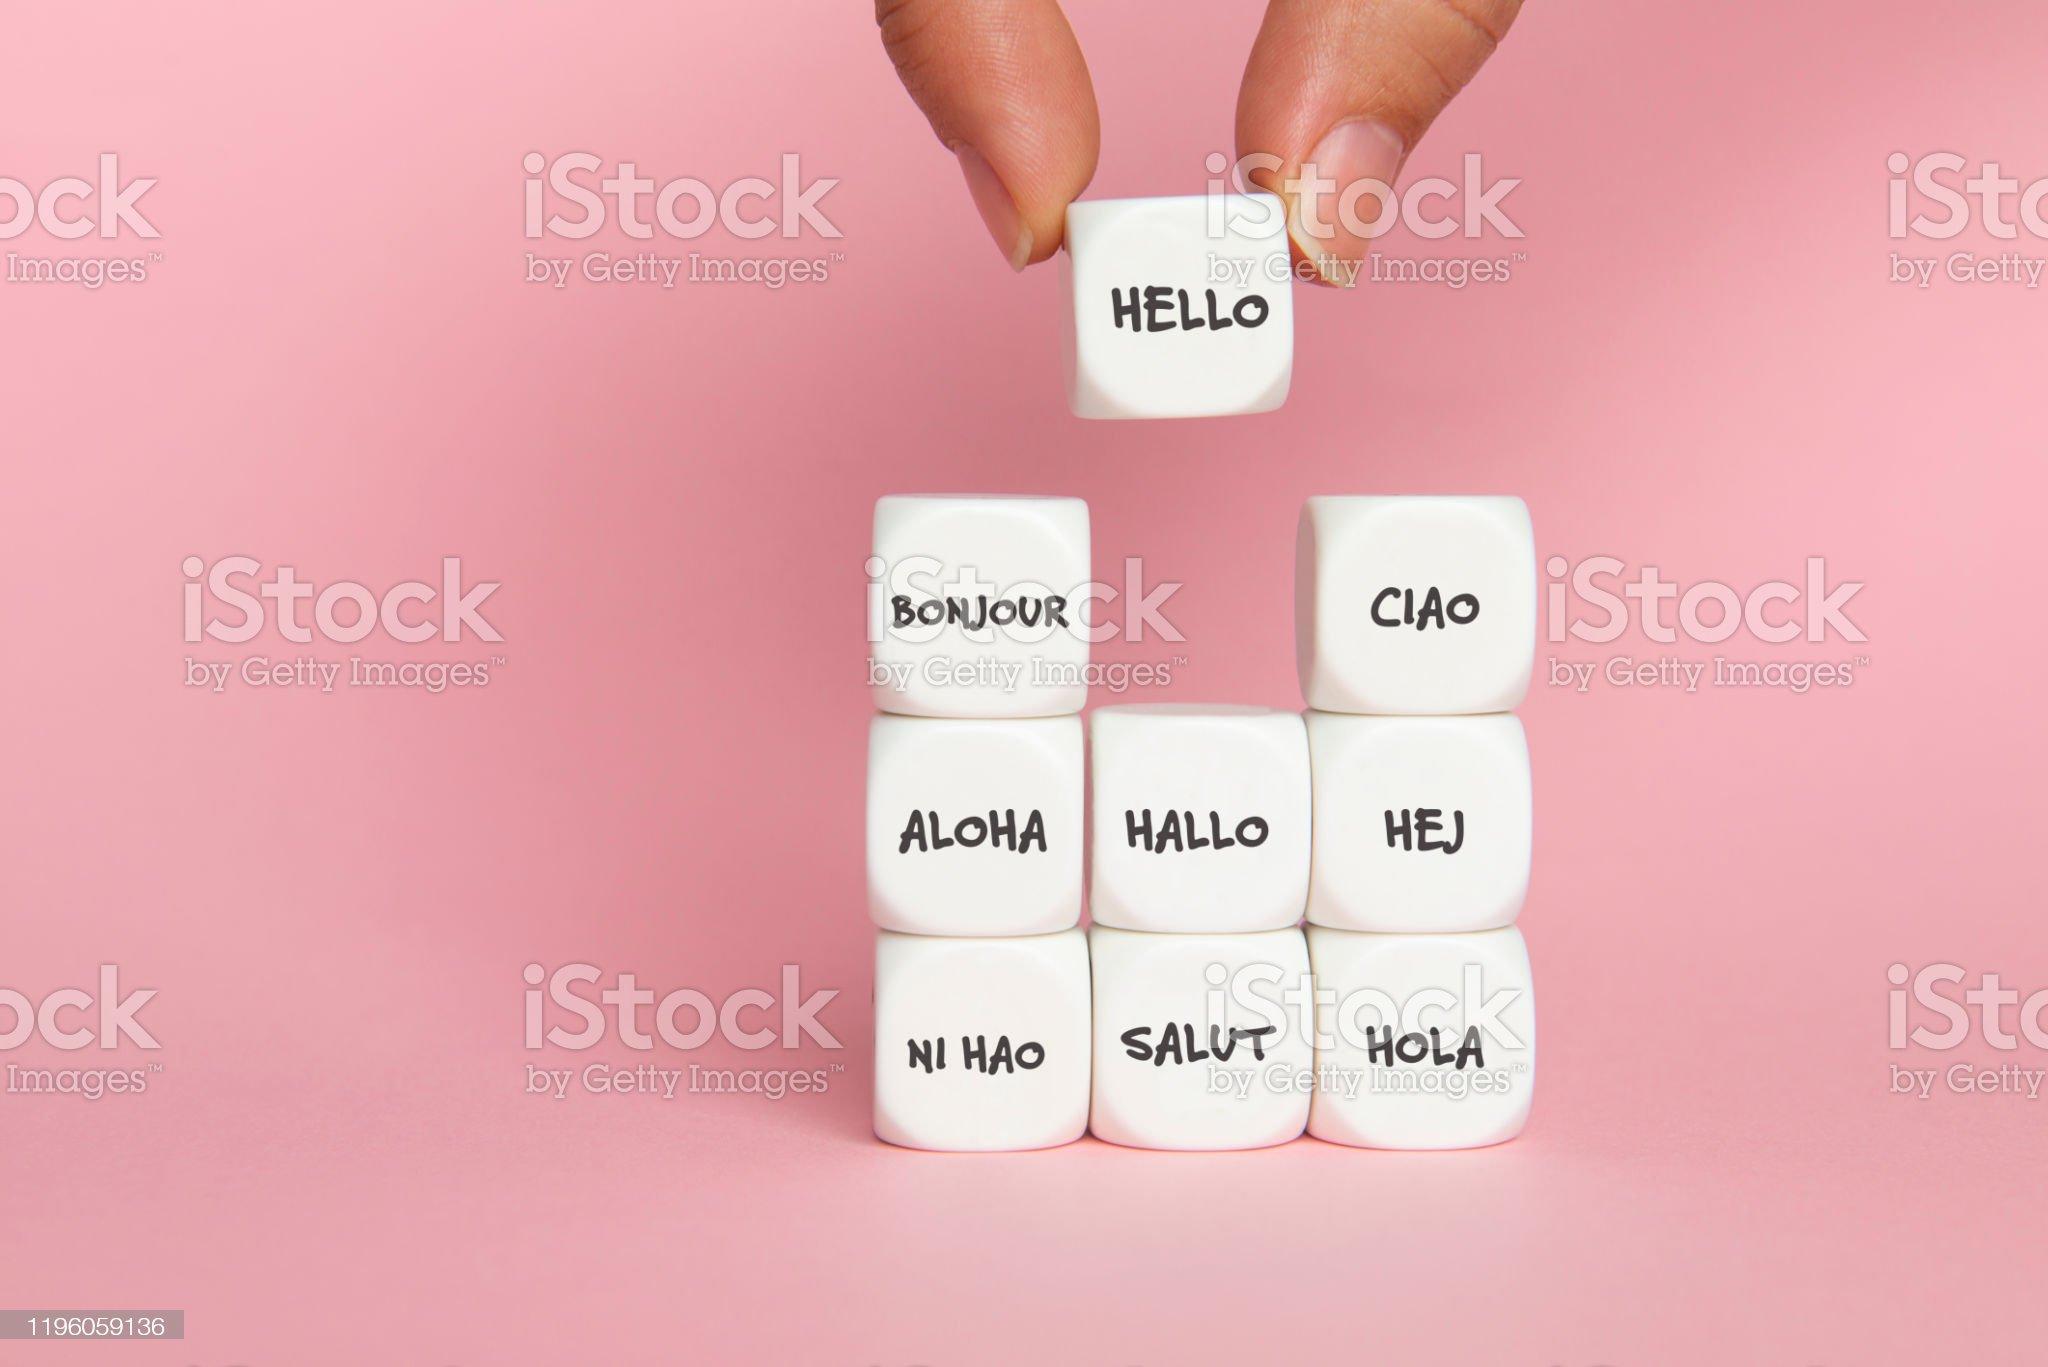 Hola - Foto de stock de Acabar libre de derechos